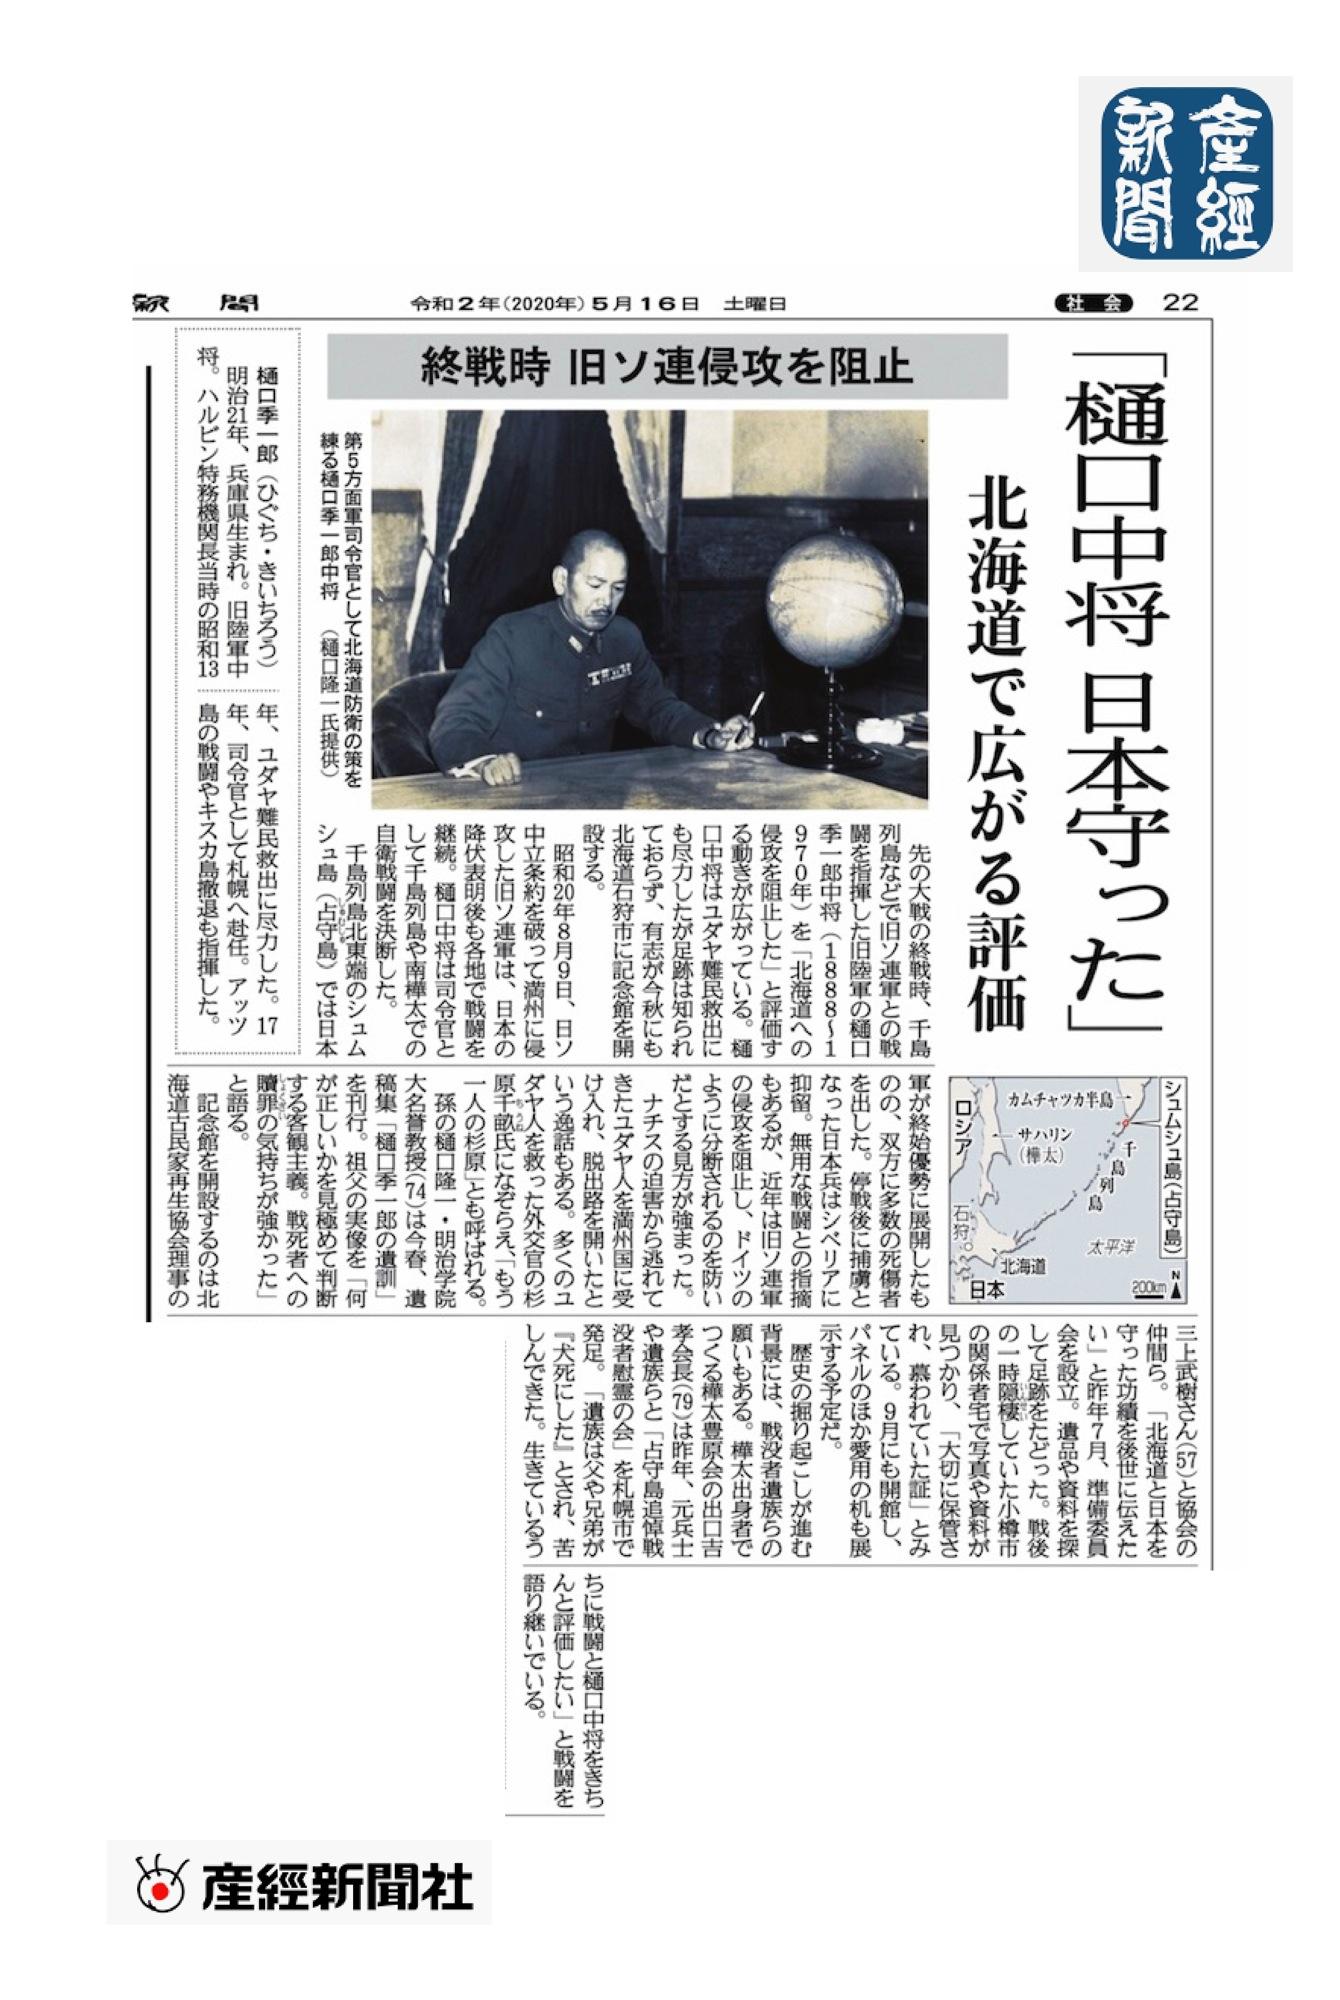 樋口季一郎産經2000.jpg